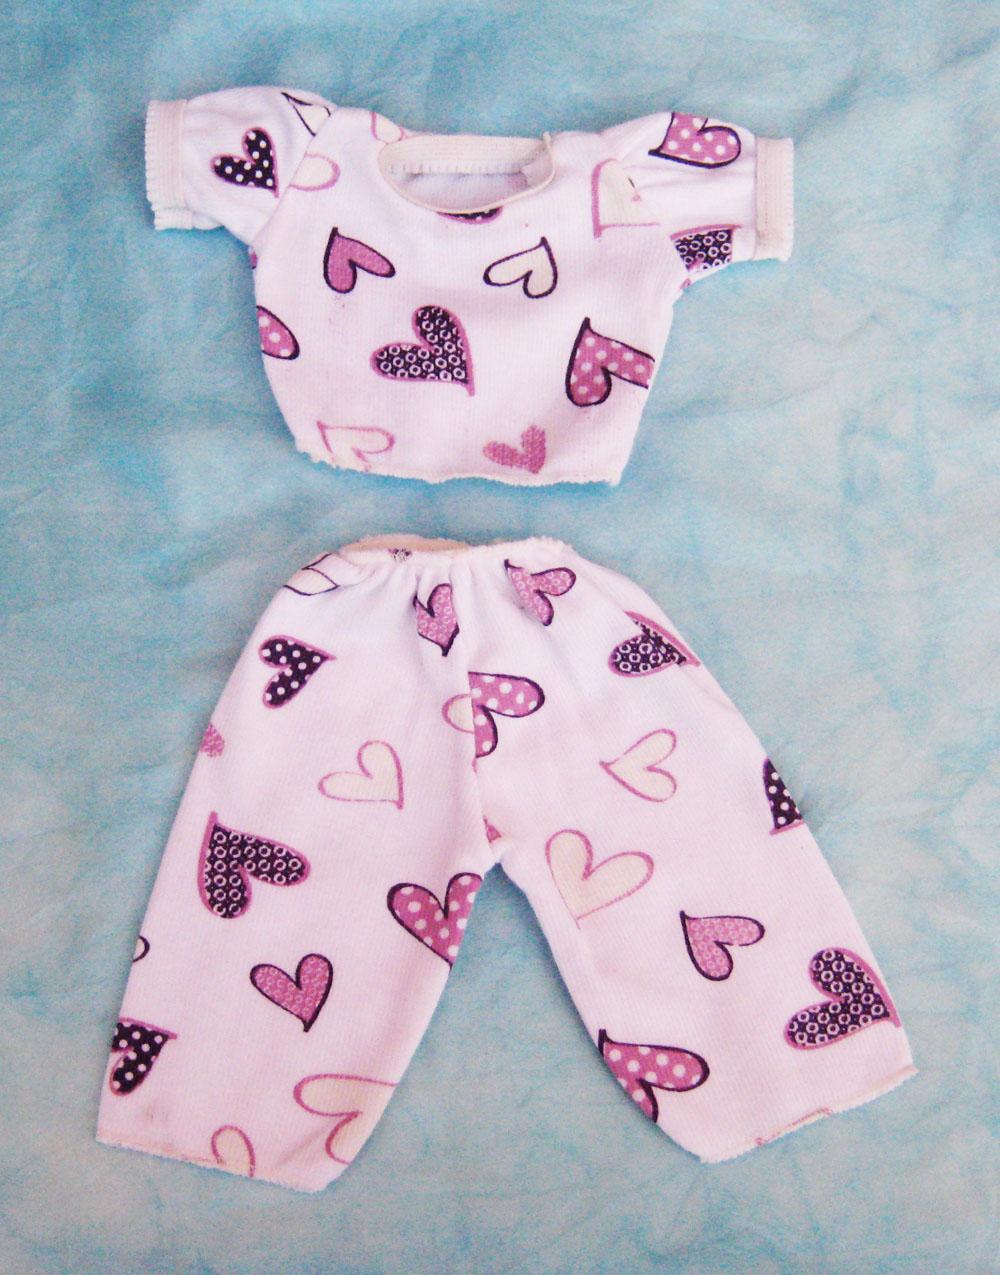 pijama-con-estampado-de-corazones-para-muneca-waldorf